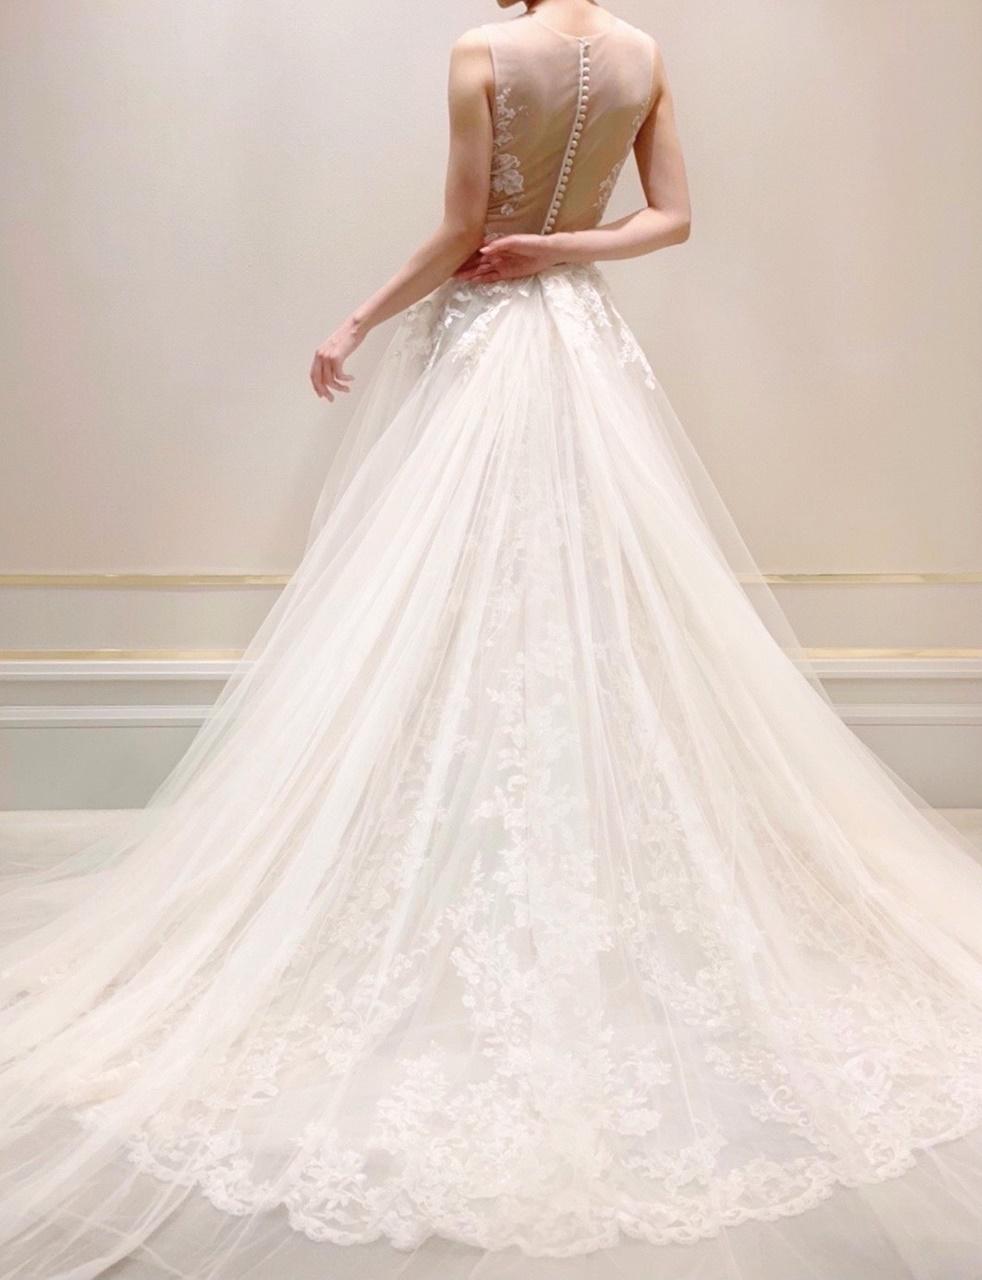 1着でお式をお過ごしいただく方におすすめのがらりと印象を変えていただける2WAYドレス